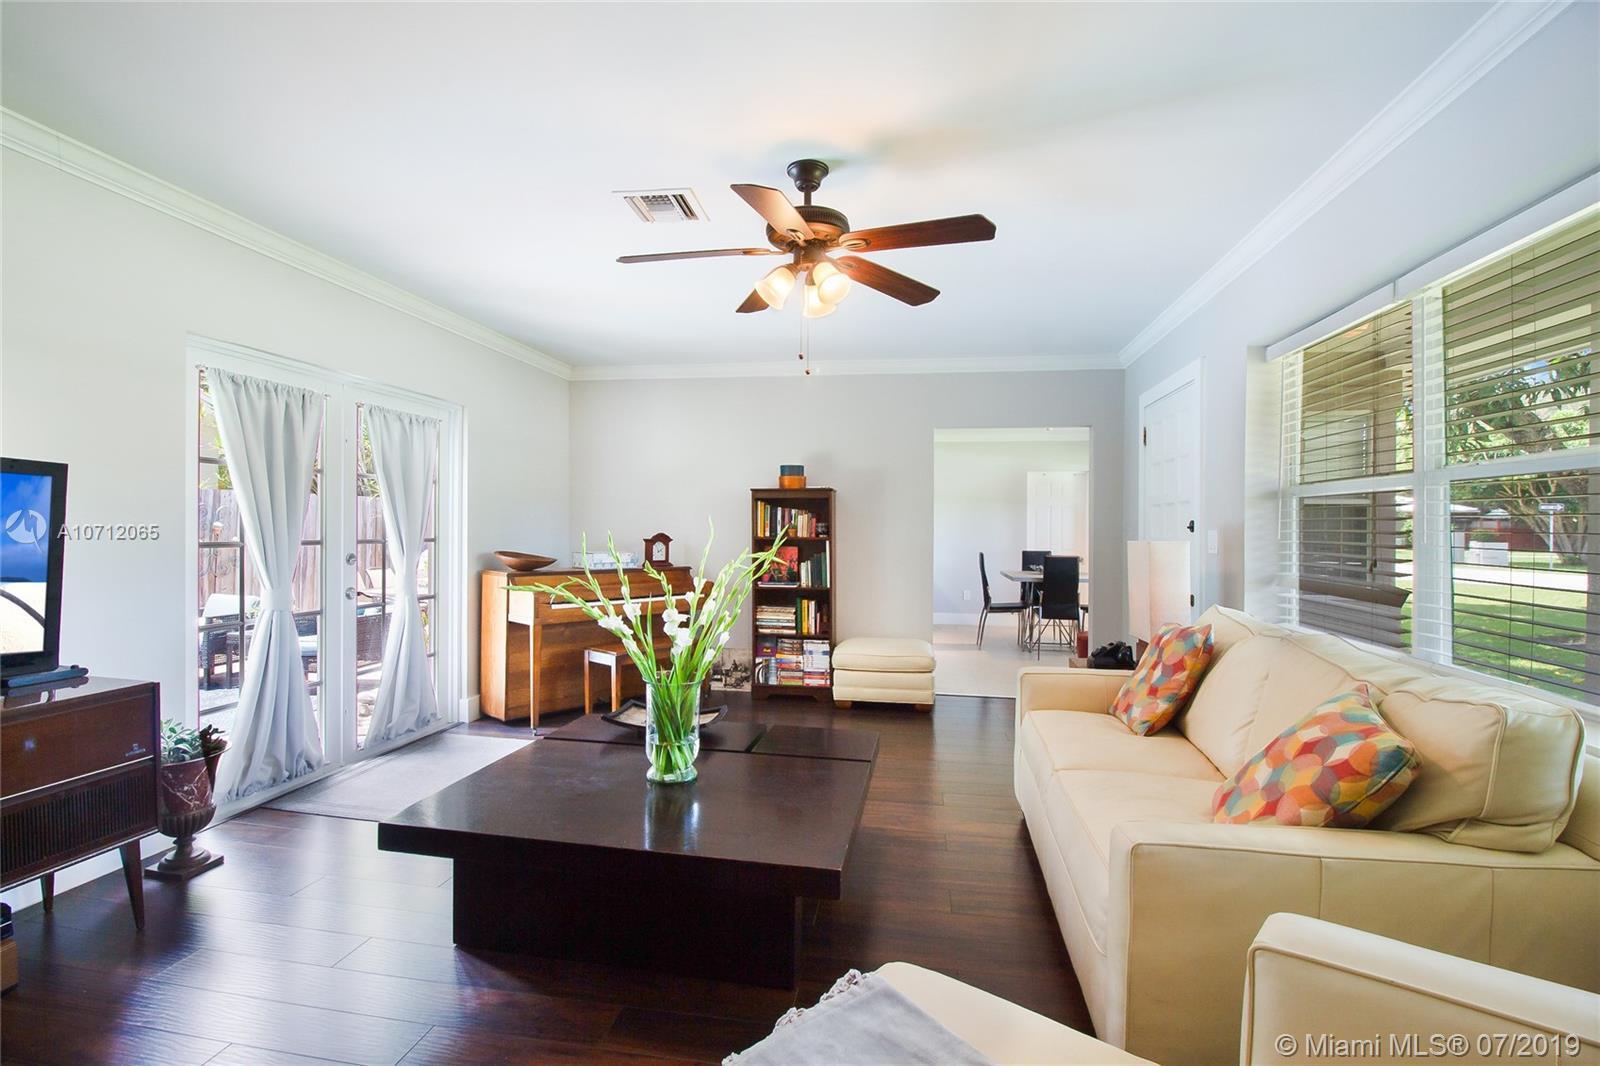 11990 NE 7th Ave, Biscayne Park, FL 33161 - Biscayne Park, FL real estate listing